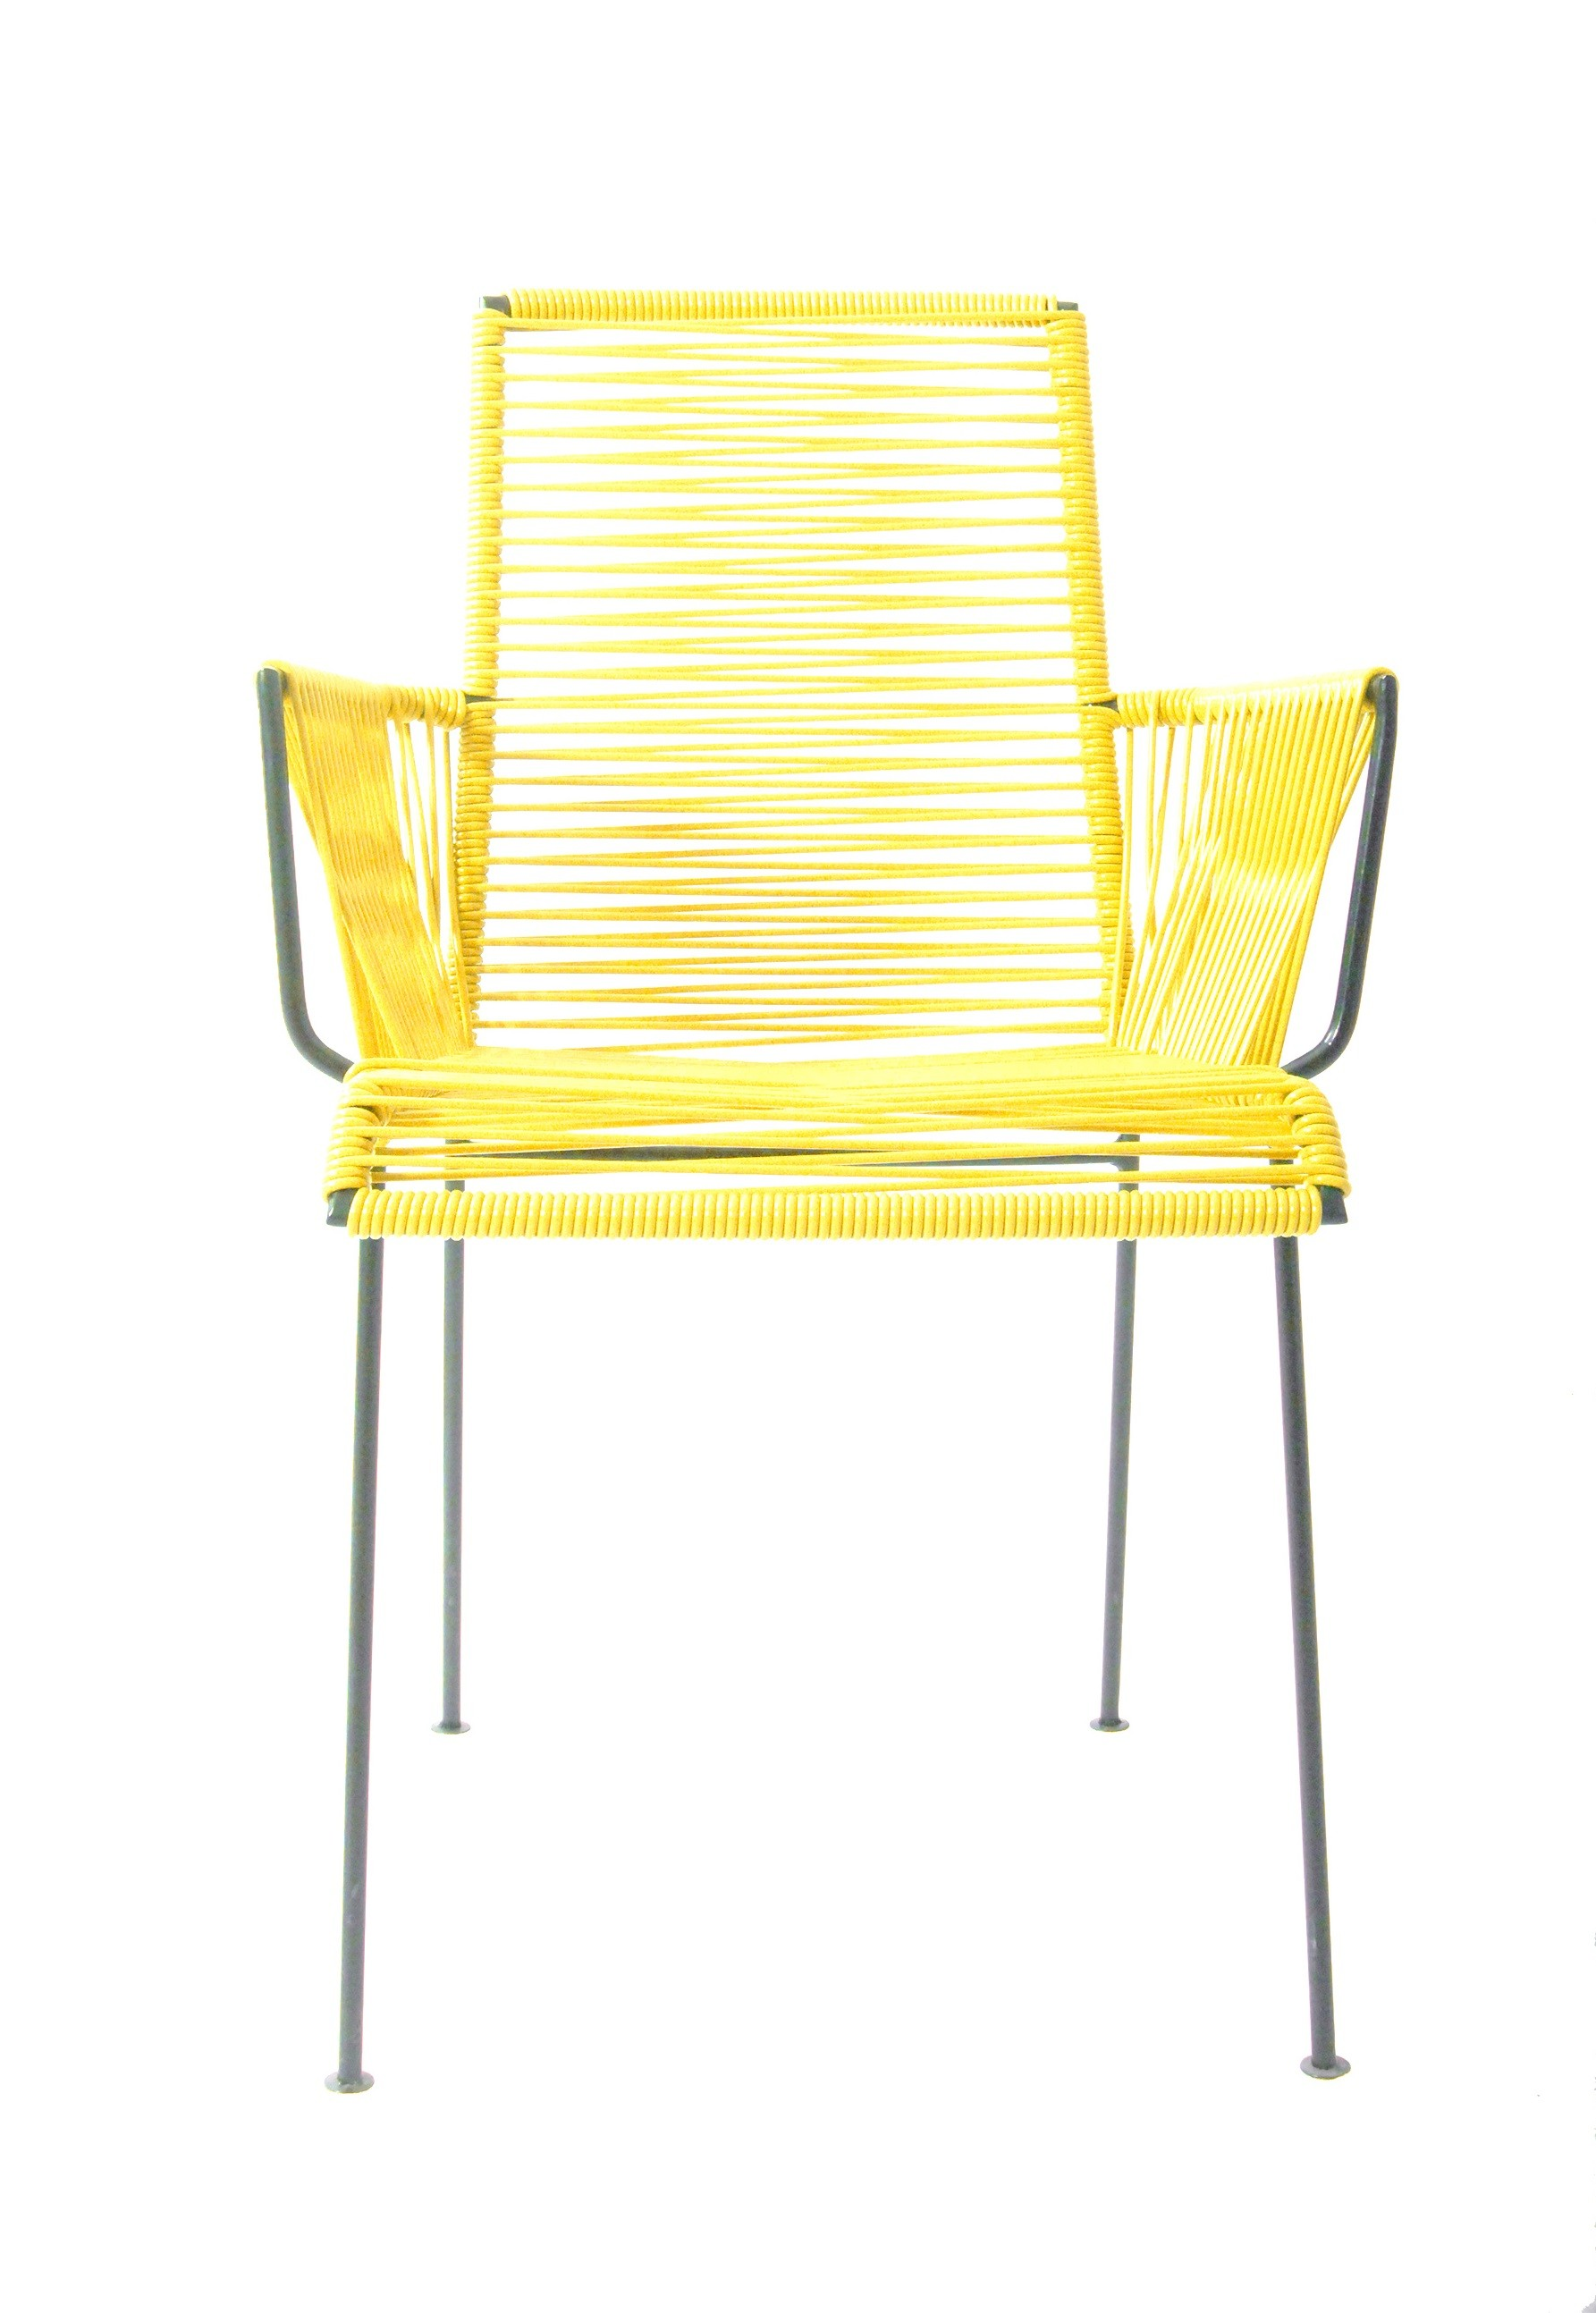 chaise mazunte cocoon de boqa avec structure noir jaune moutarde. Black Bedroom Furniture Sets. Home Design Ideas